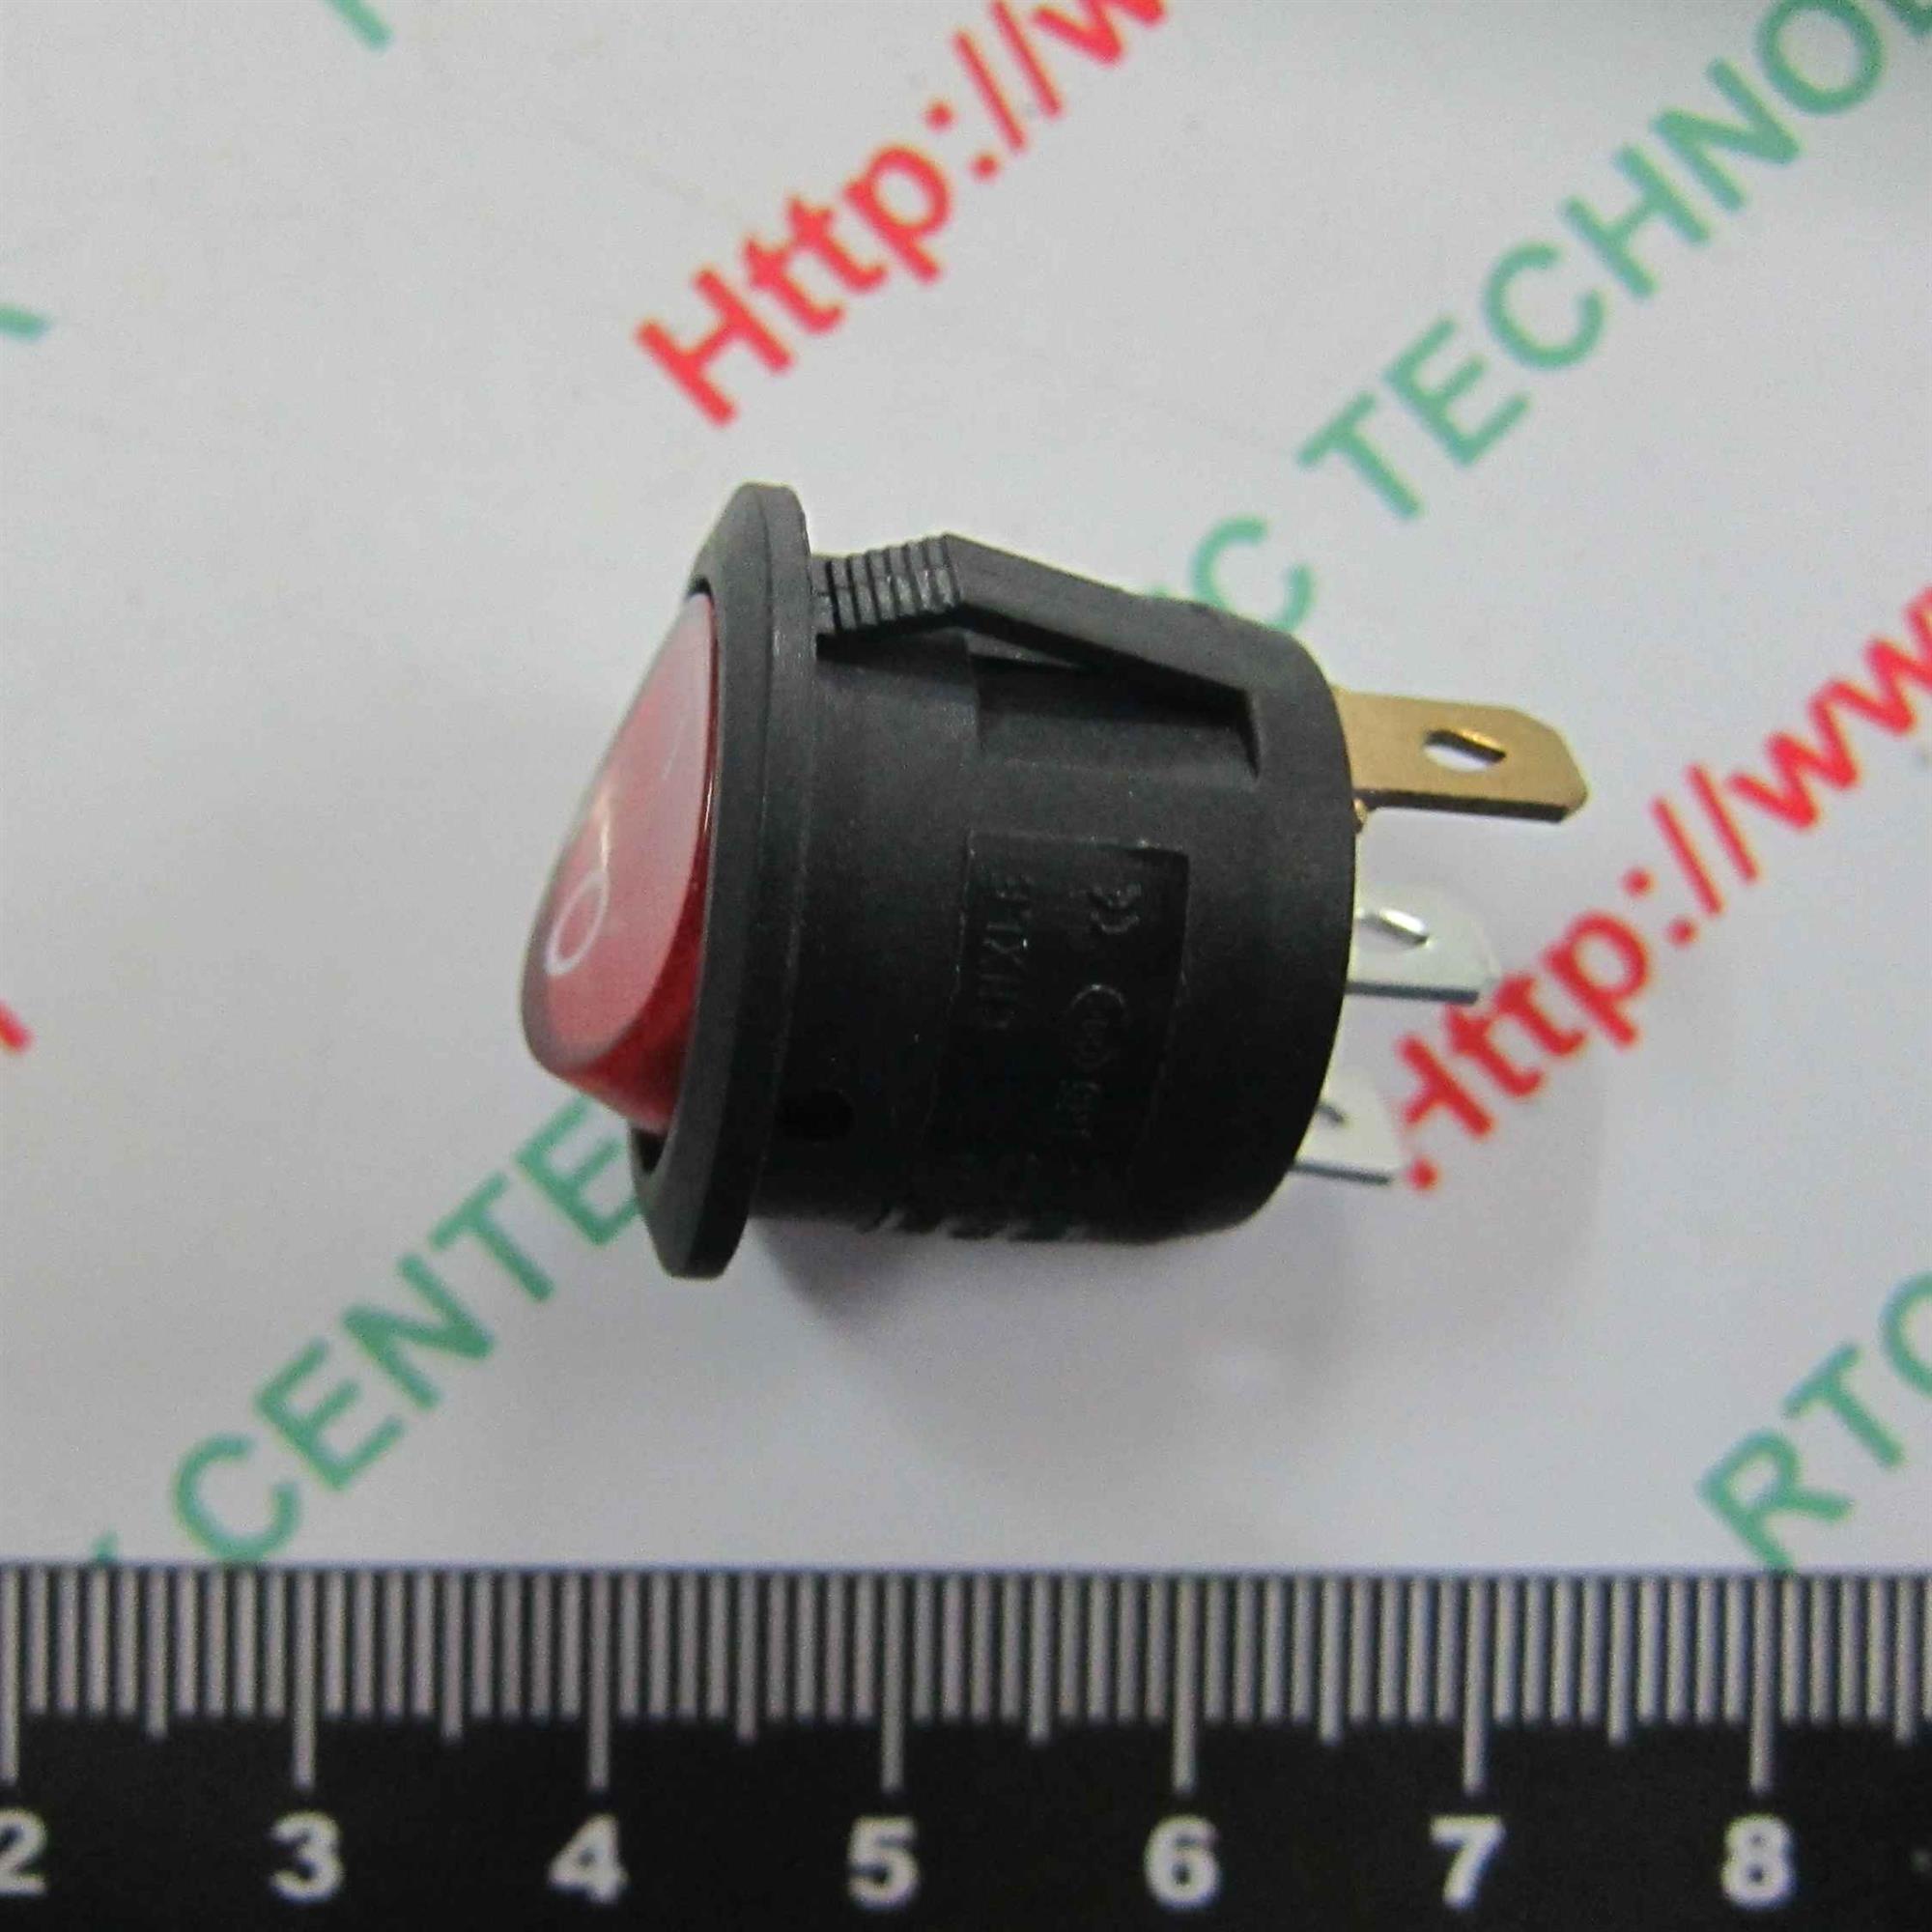 CÔNG TẮC NGUỒN 220V 6A ĐỎ CÓ ĐÈN KCD1-105 20mm 3 chân - D3H10